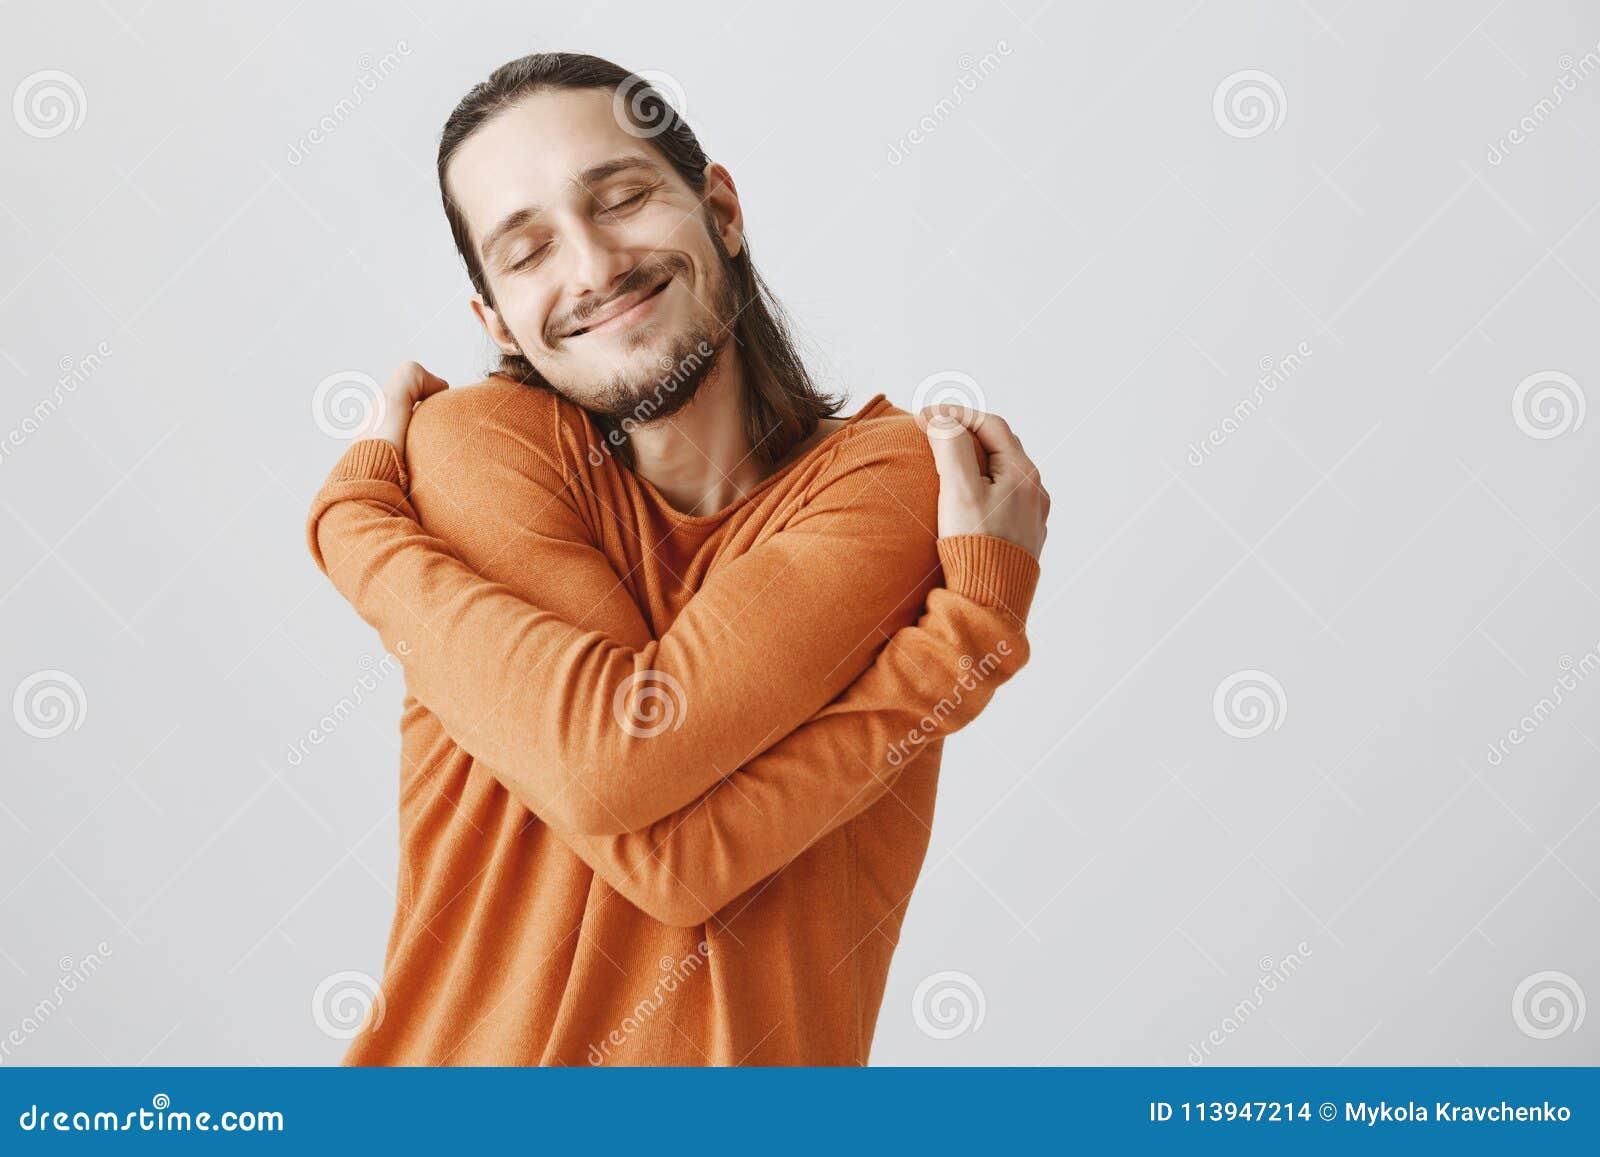 Who behoeftemeisjes als u kunt koesteren Grappige speelse Europese kerel met lang haar en baard die knuffelen en